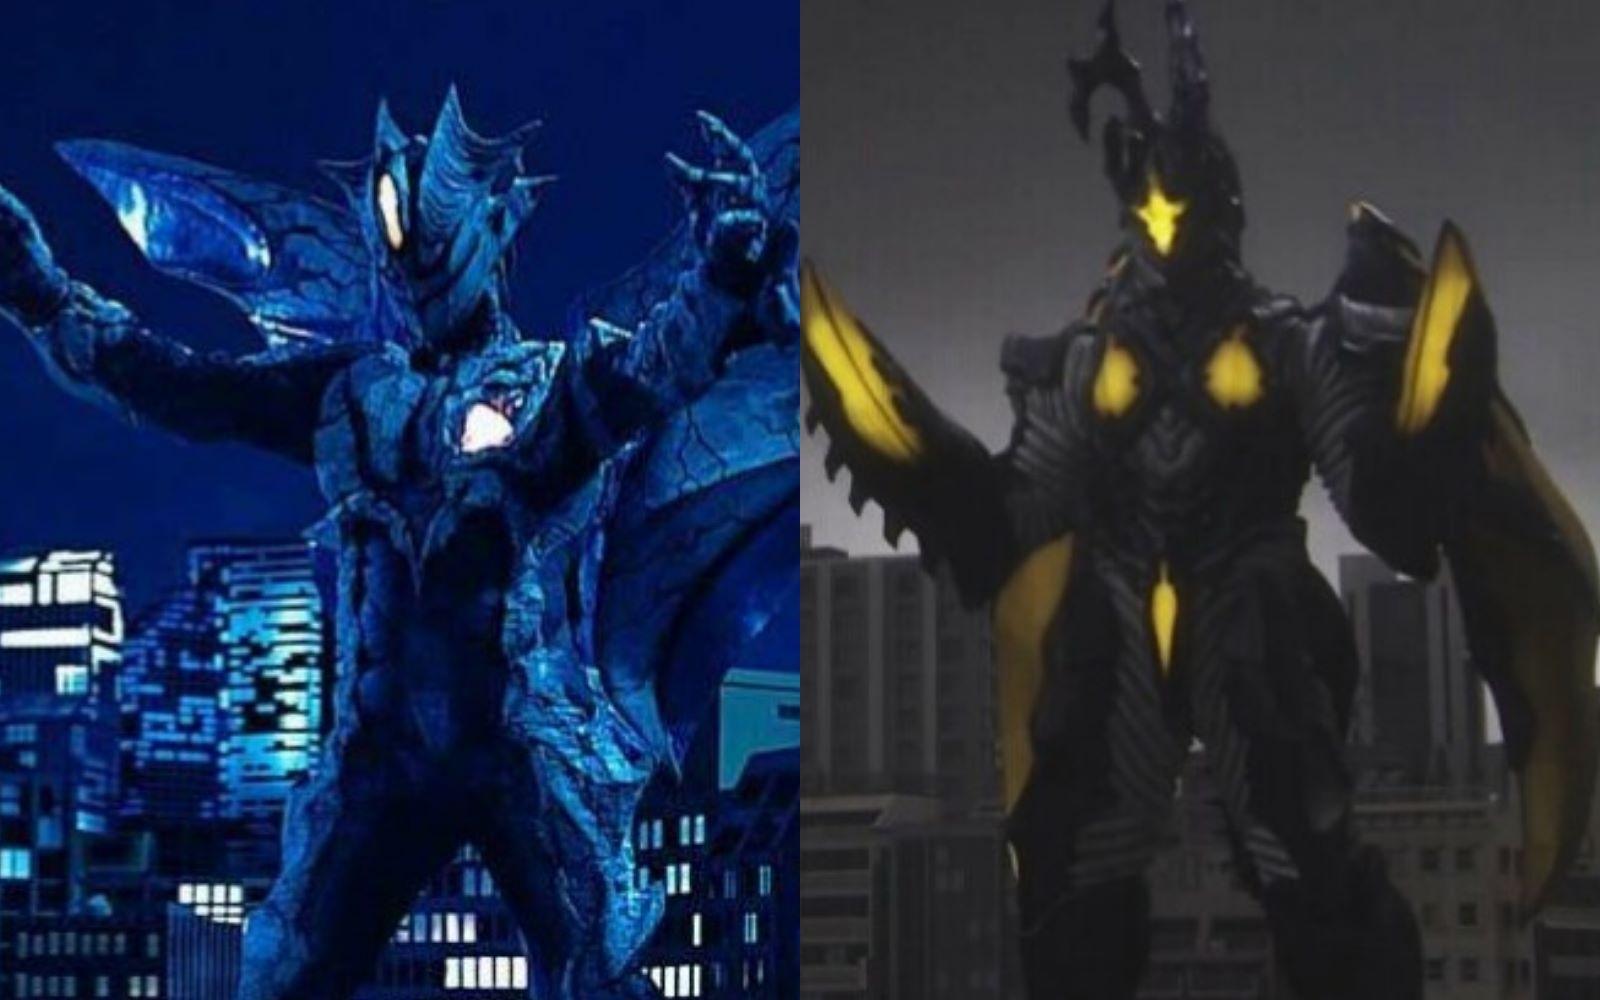 怪兽基里艾洛德人能变换形态, 实力跟迪迦相当, 使奥特曼陷入苦战视频